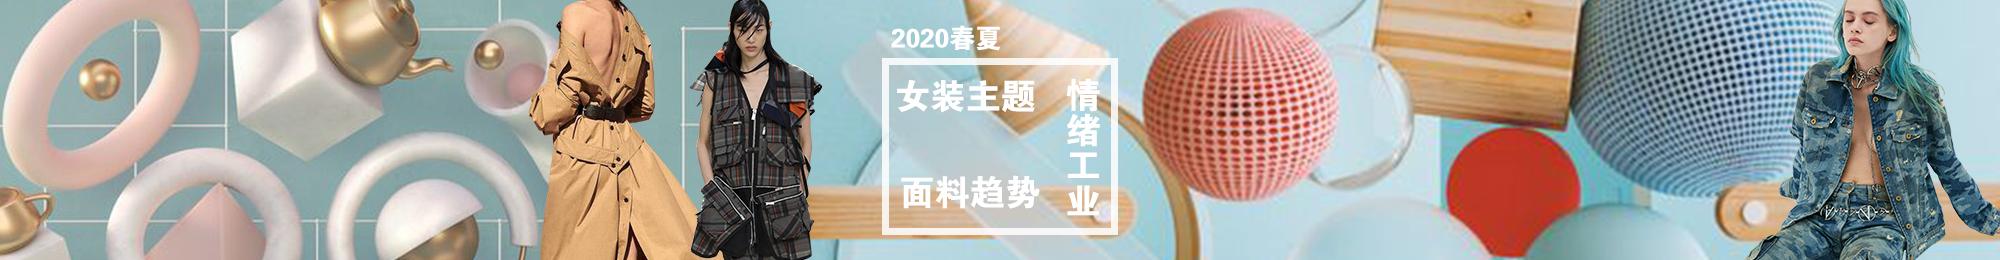 情緒工業--2020春夏女裝主題面料趨勢預測